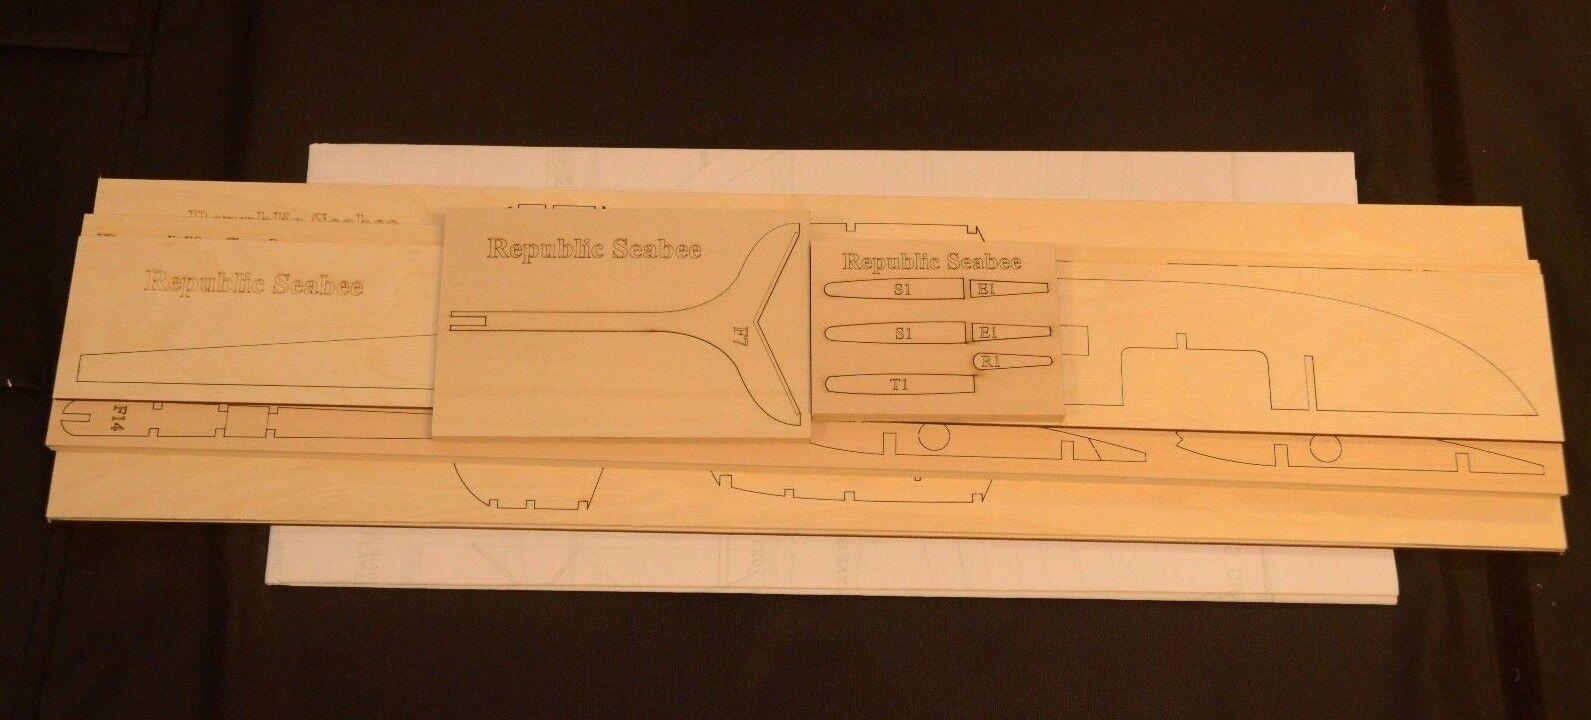 1 8 Escala Kit De Corte Láser República SEABEE SEABEE SEABEE corto, planos y Instr. 51 in (approx. 129.54 cm) ala palmo  Felices compras